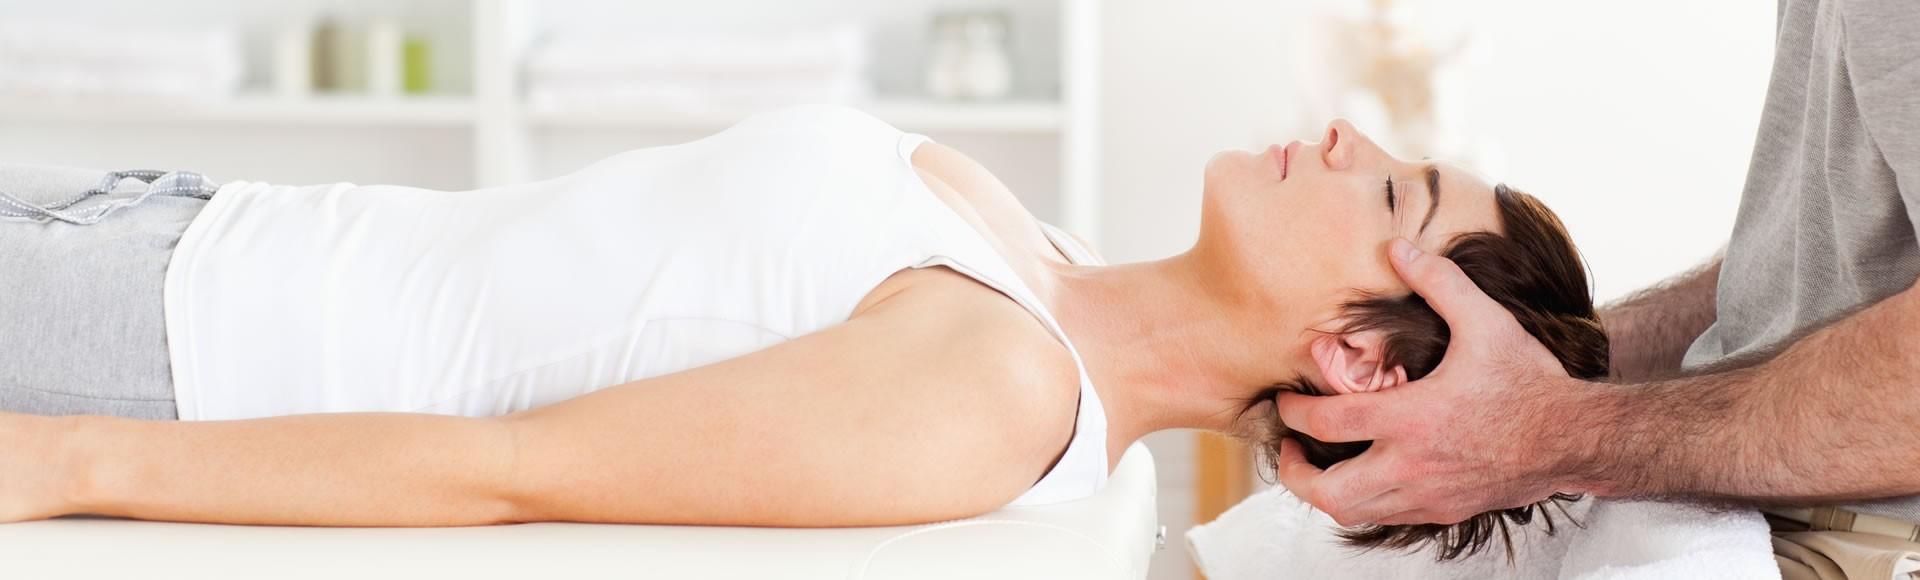 Holistische (kinder)fysiotherapie